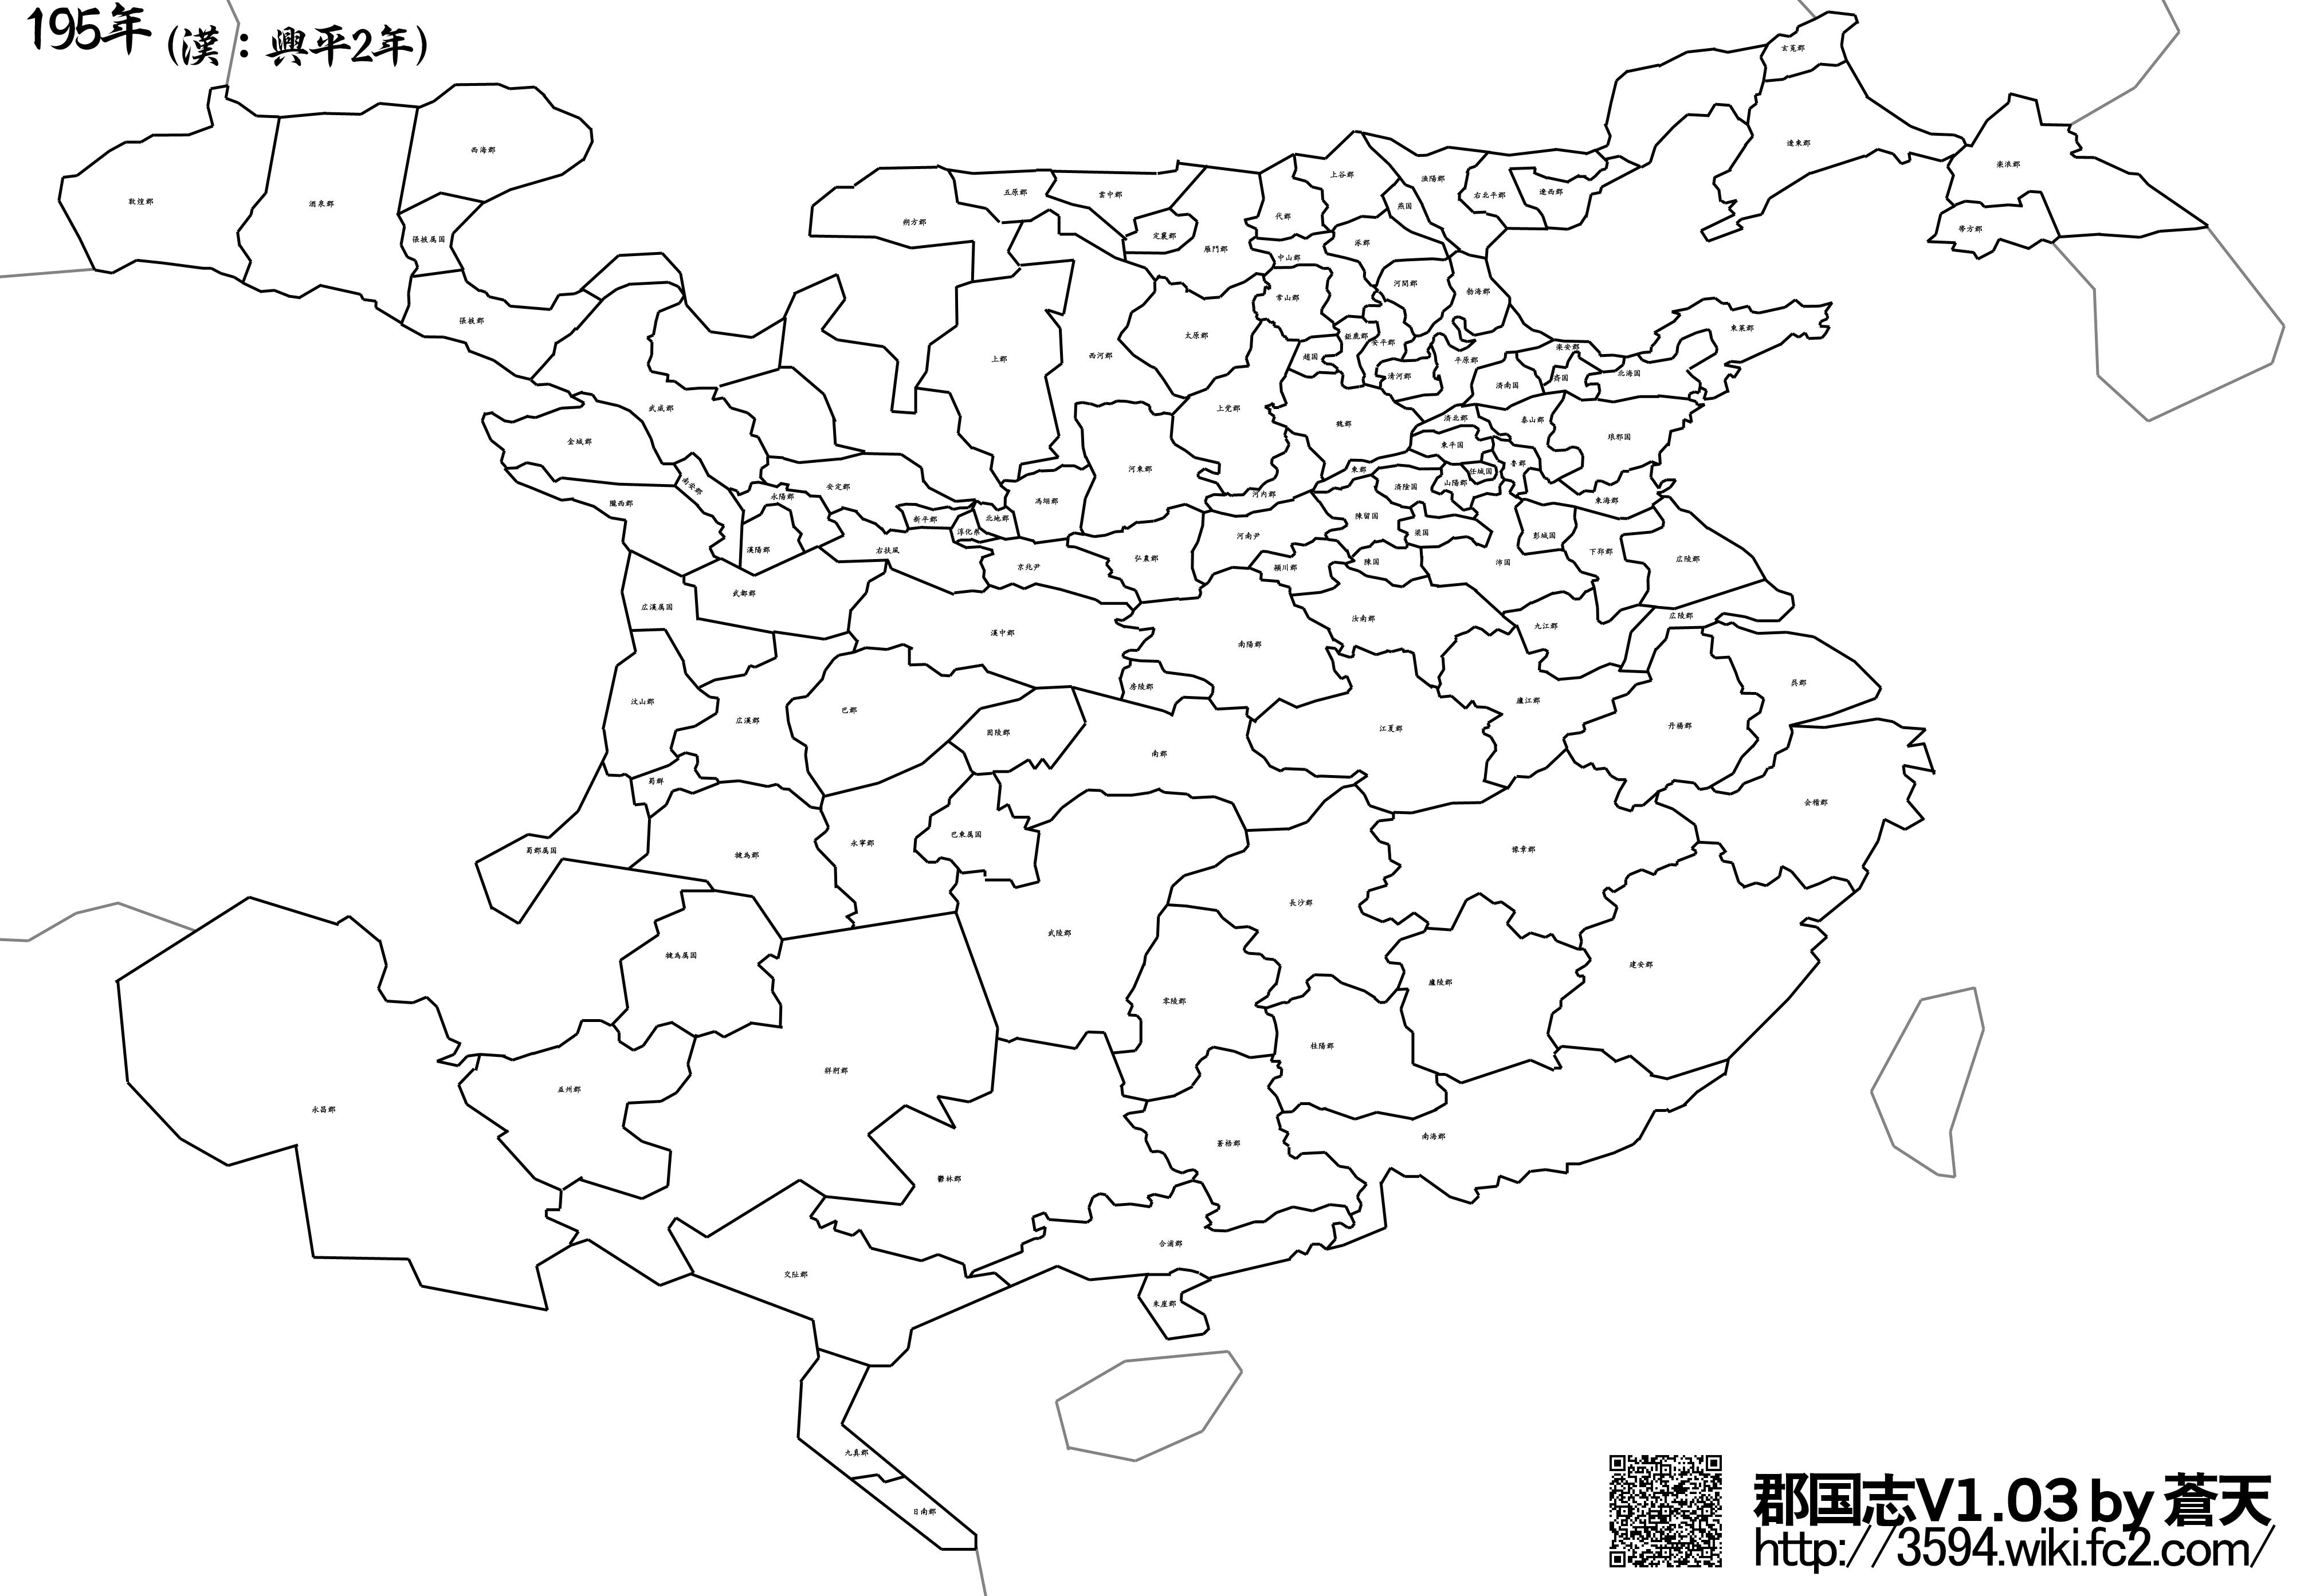 郡国志v103_195年